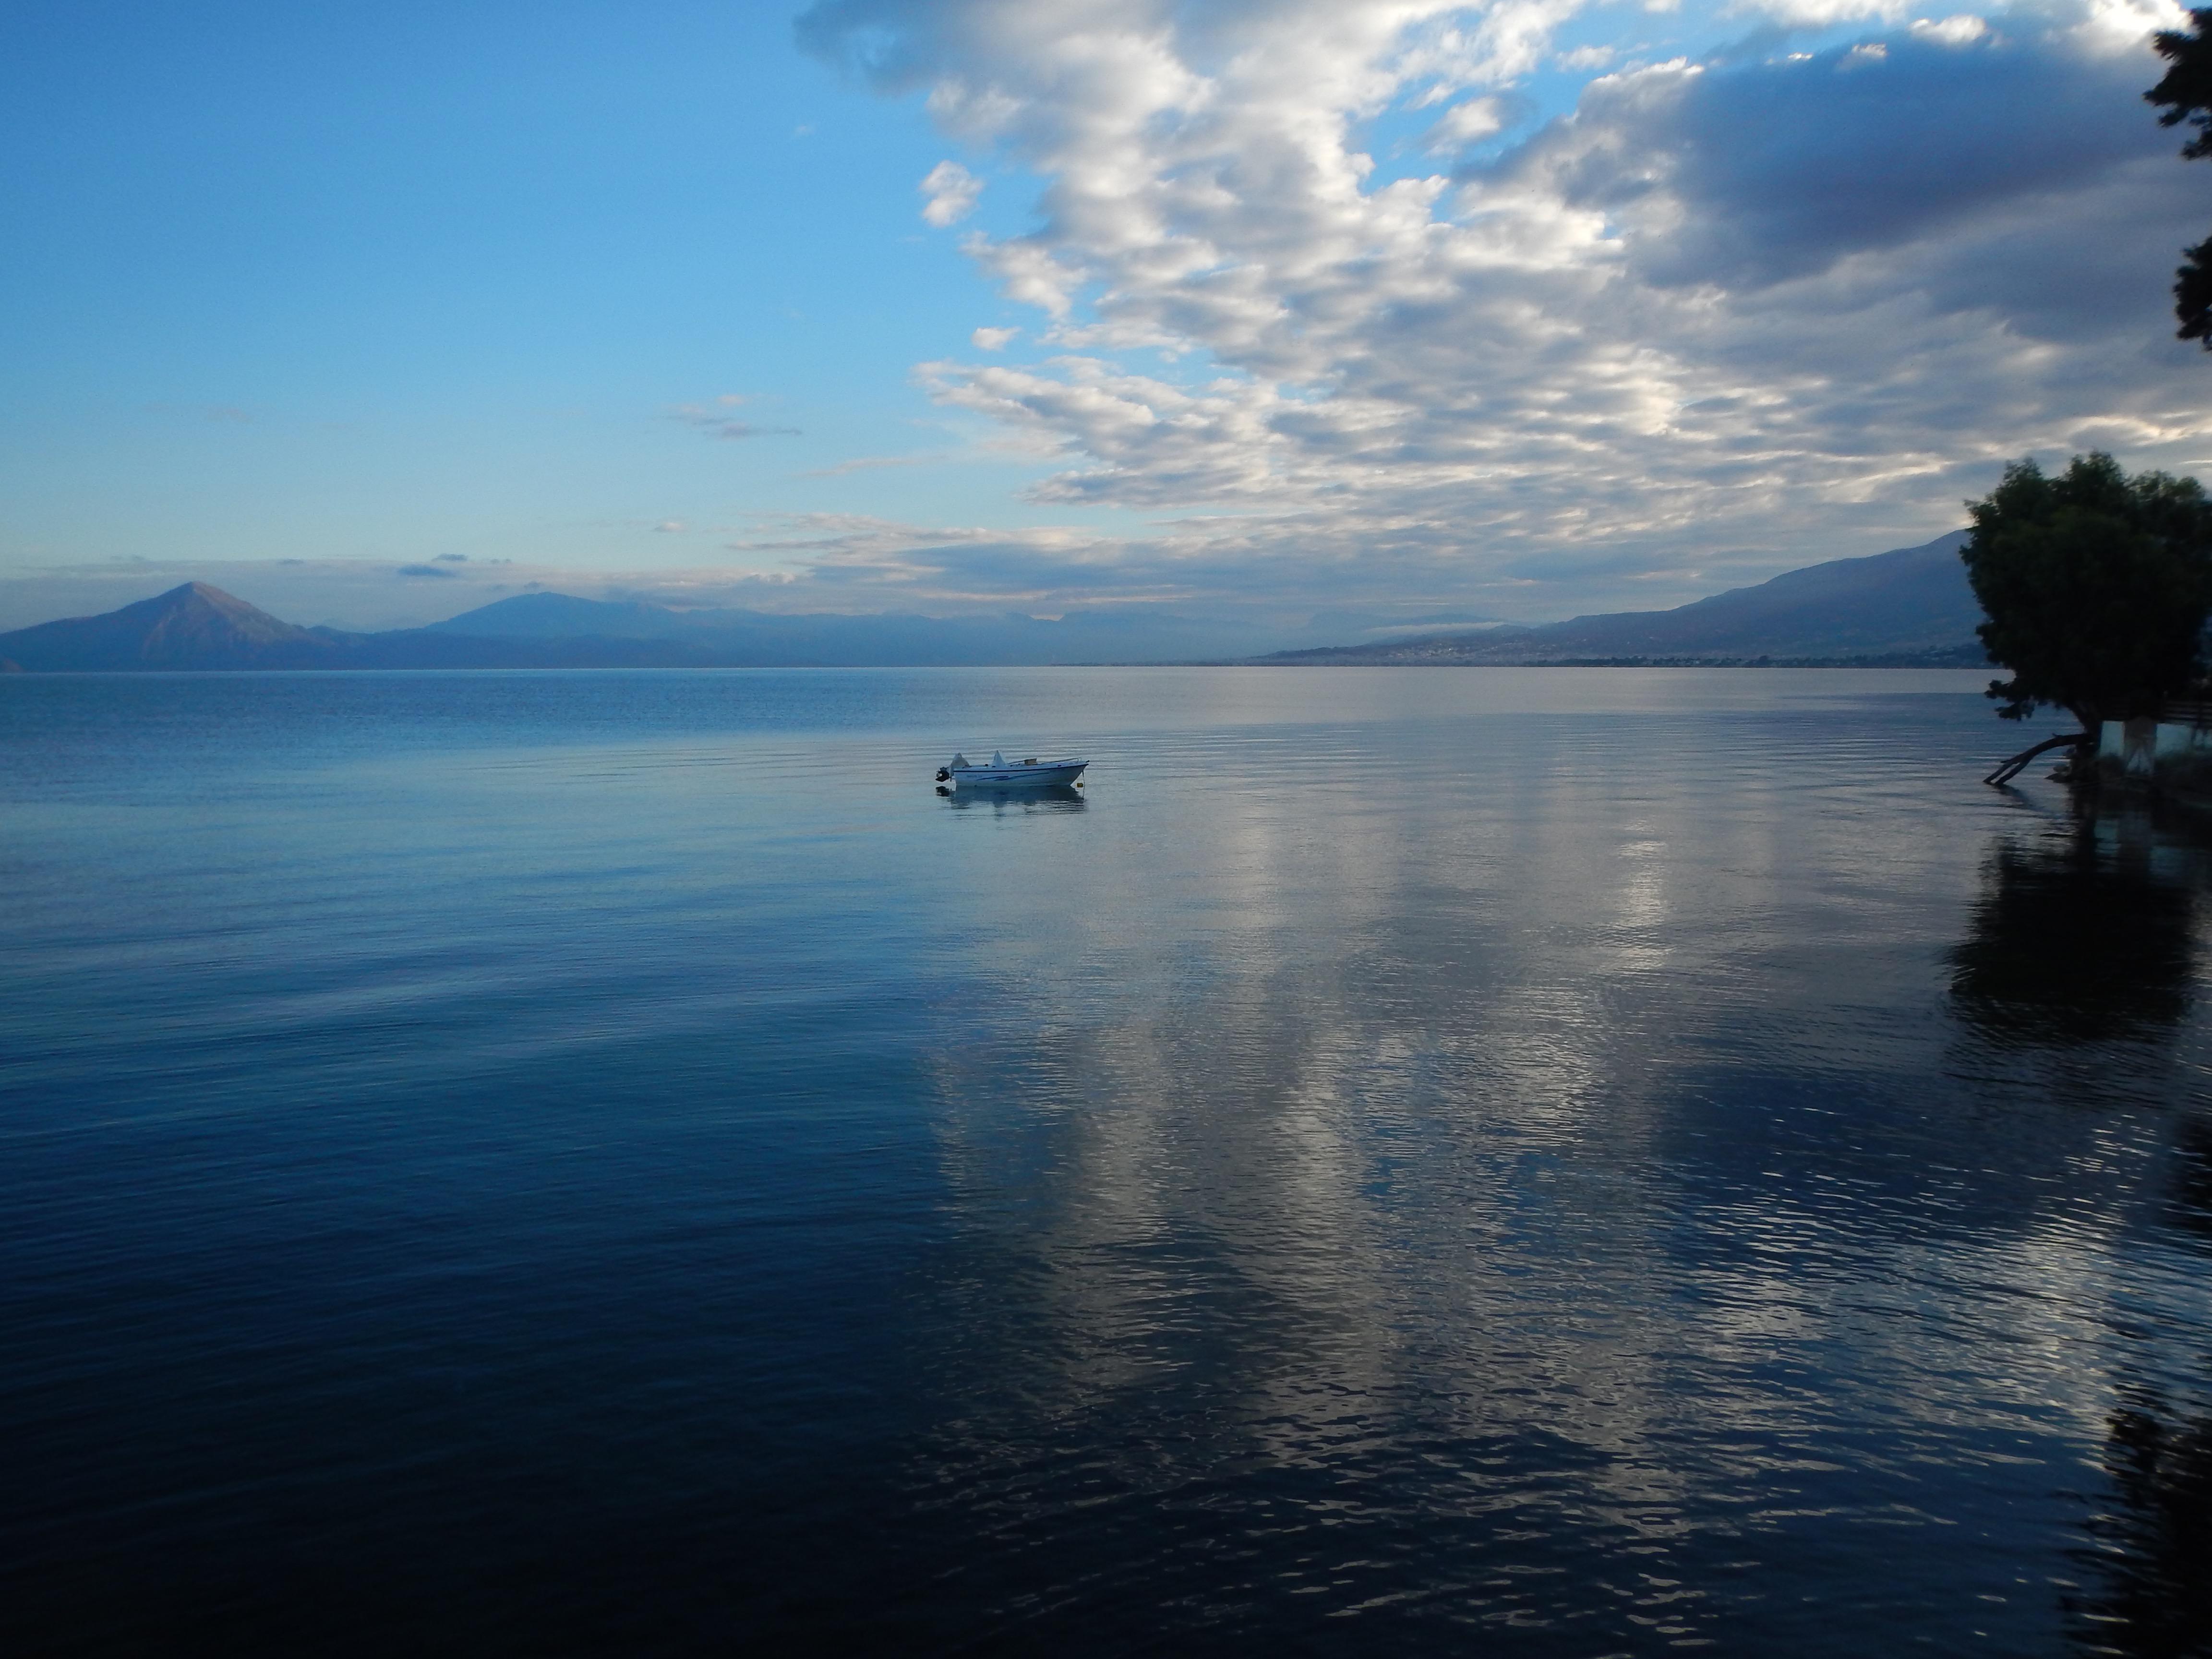 Grèce - Destination Météores par trail rando 161003034610600254